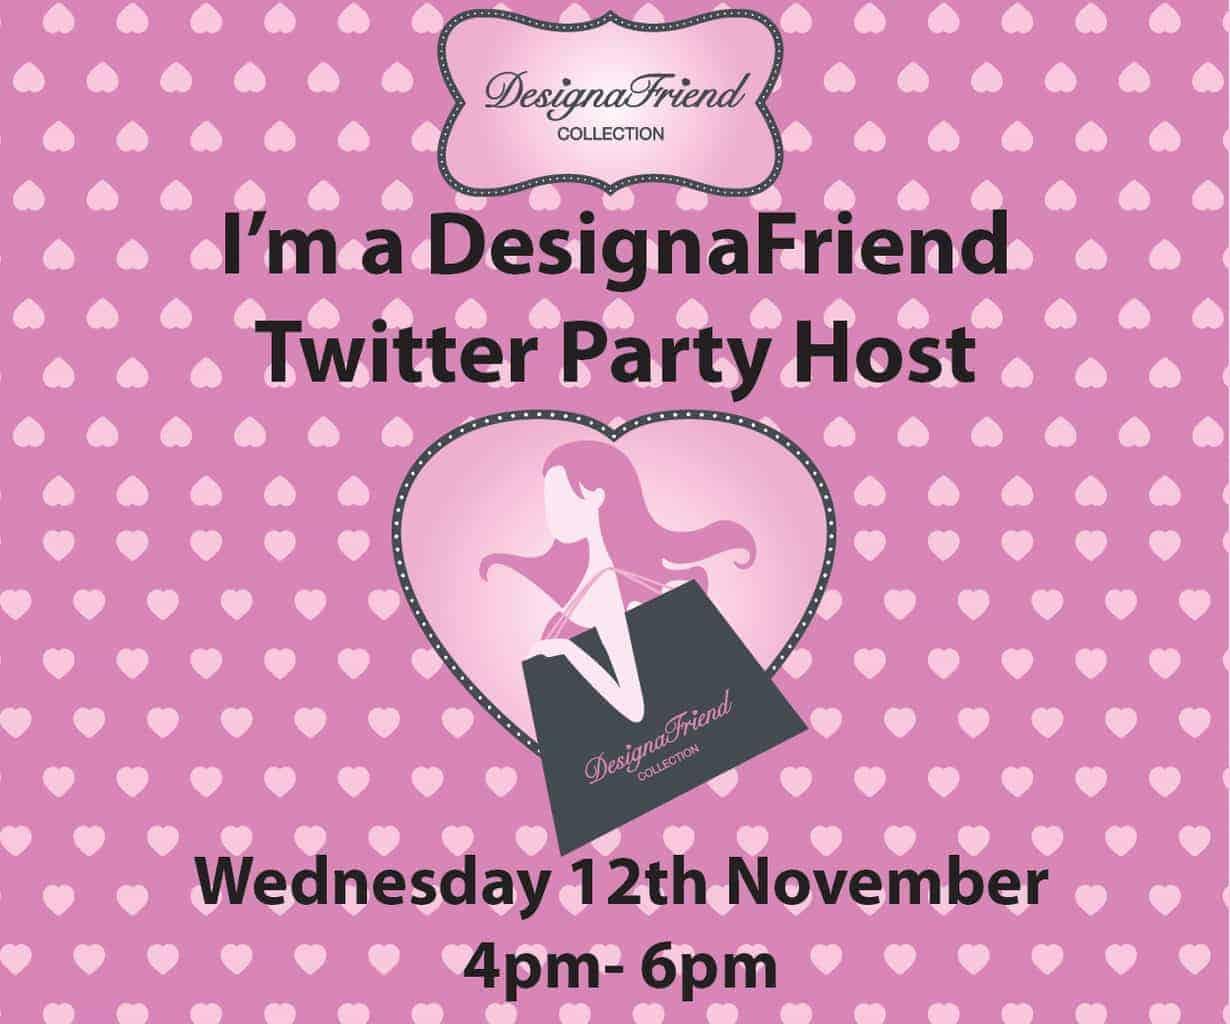 DesignaFriend Twitter Party Host #DesignaFriend